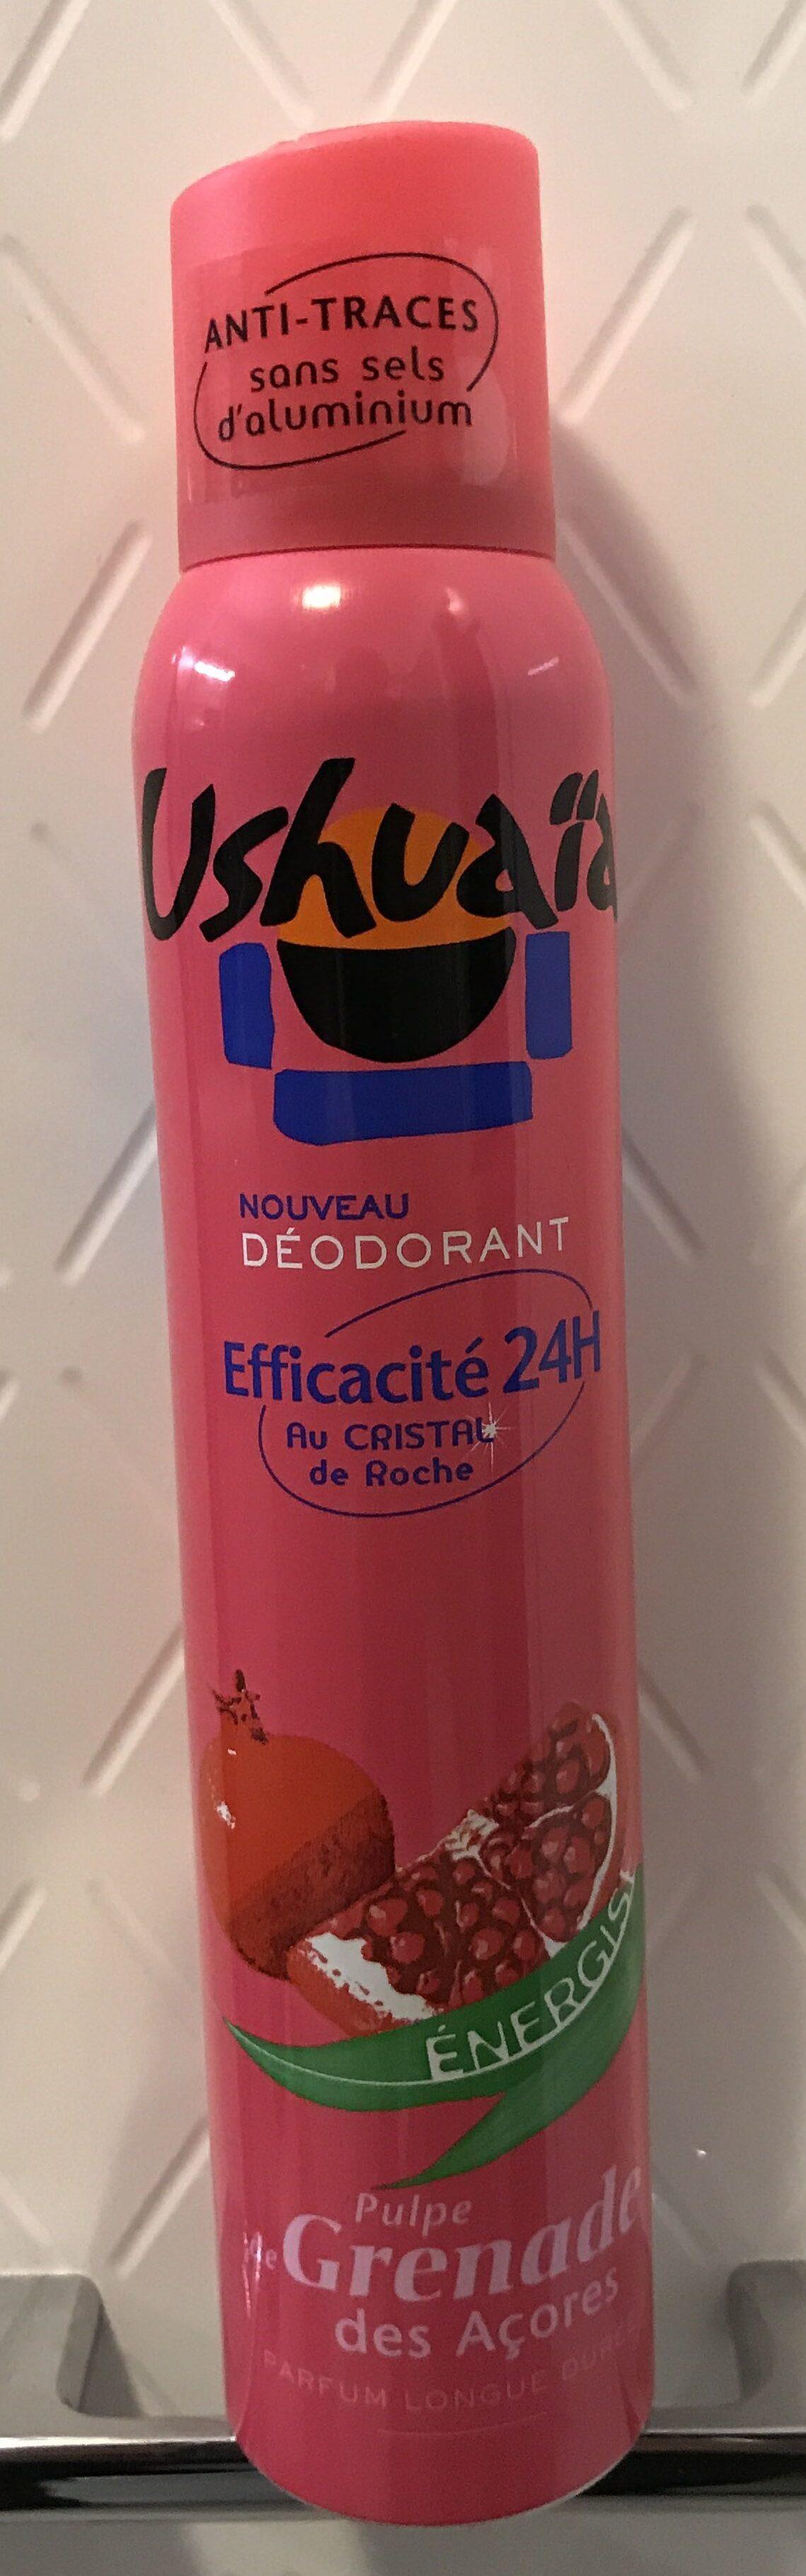 Déodorant à la pulpe de grenade des Açores - Produit